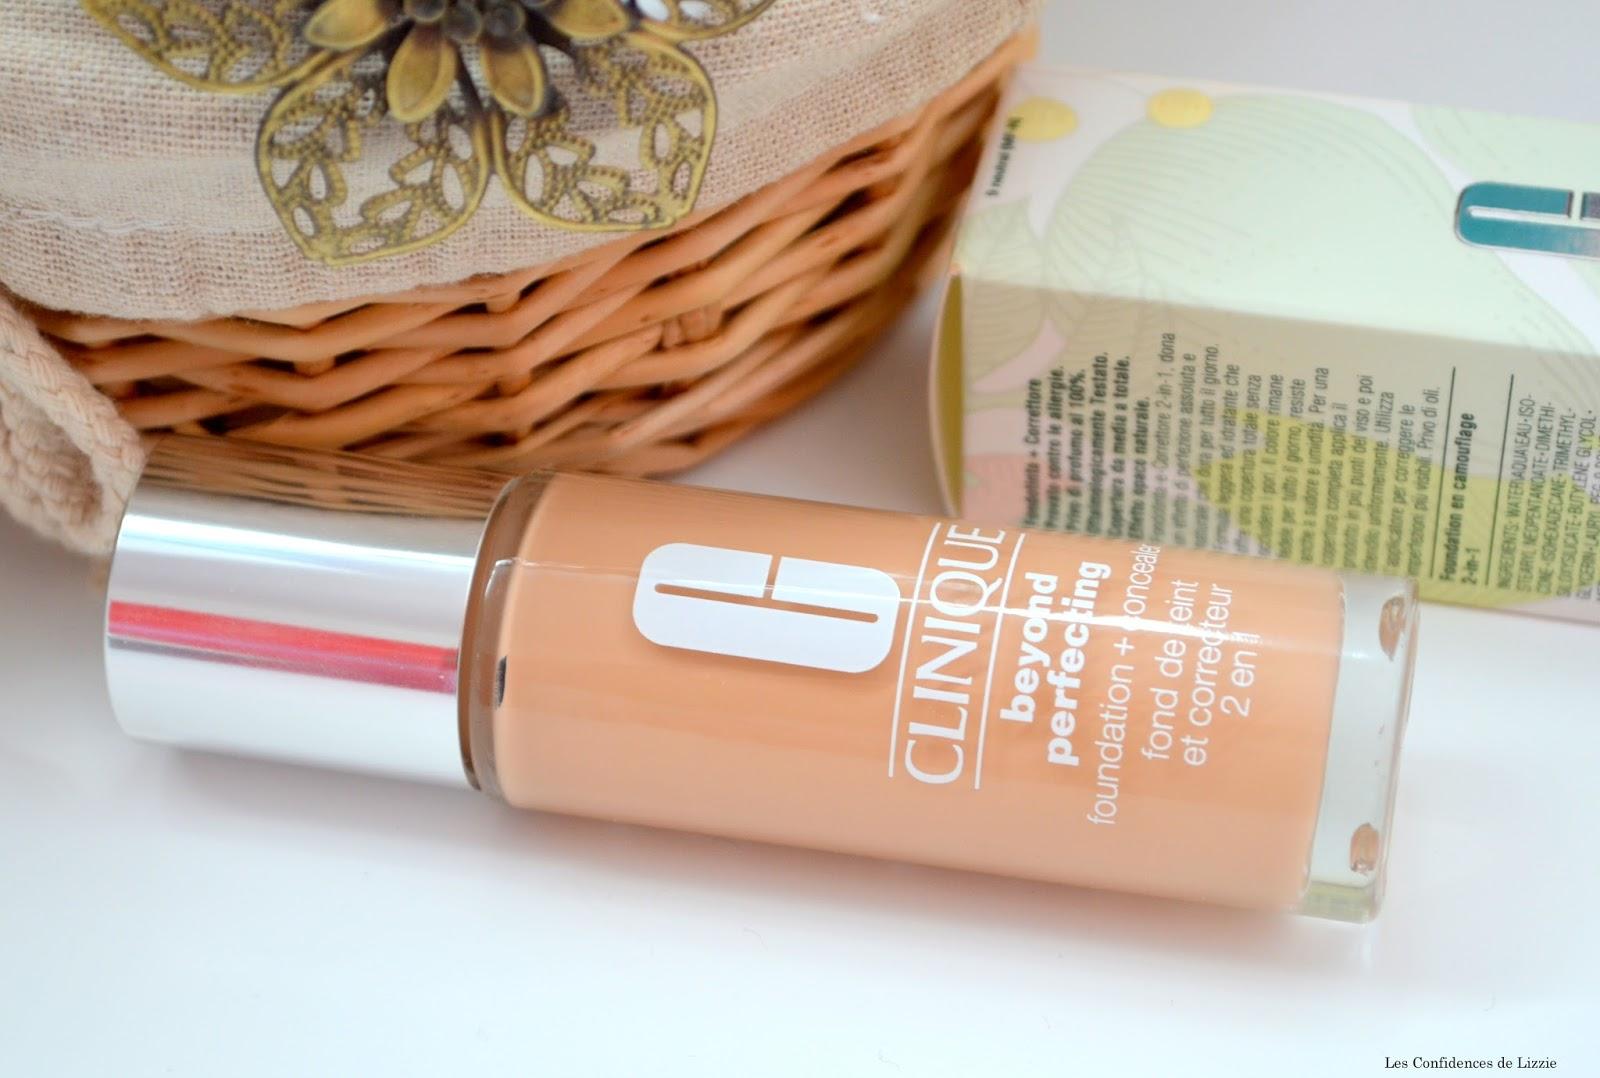 Beauté - maquillage - maquillage du teint - fond de teint - anti cerne - correcteur - teinte sans défaut - teint naturel - teint lissé - teint sublimé